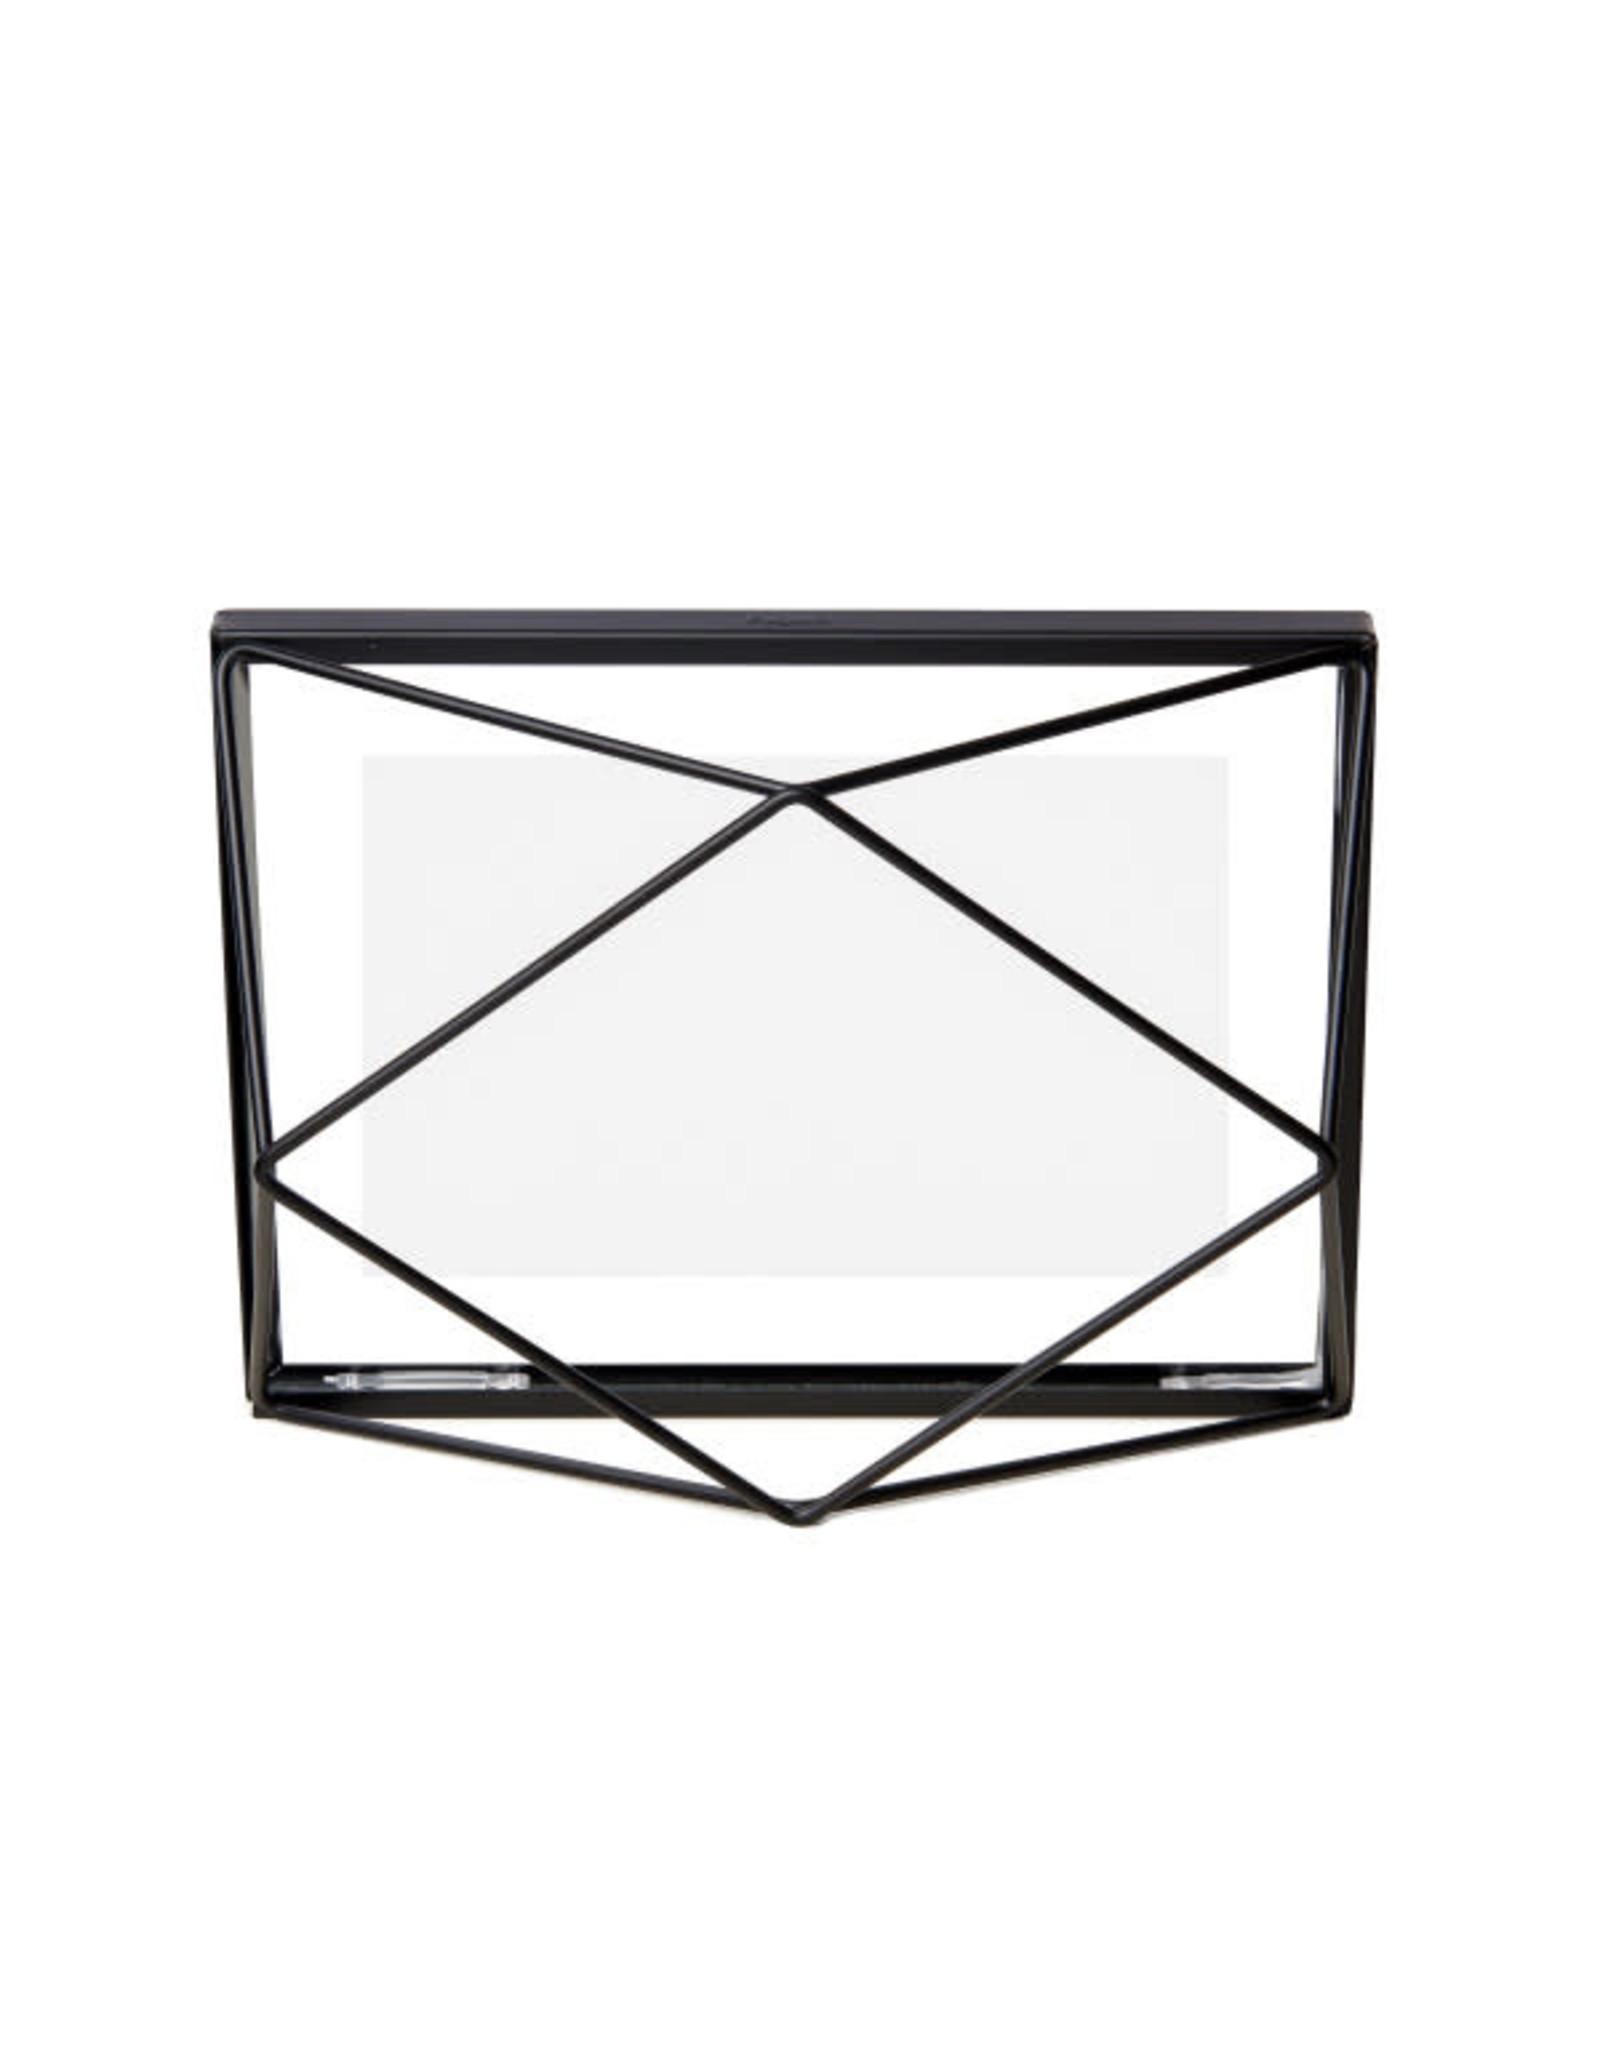 photo frame - prisma 10x15 (black)